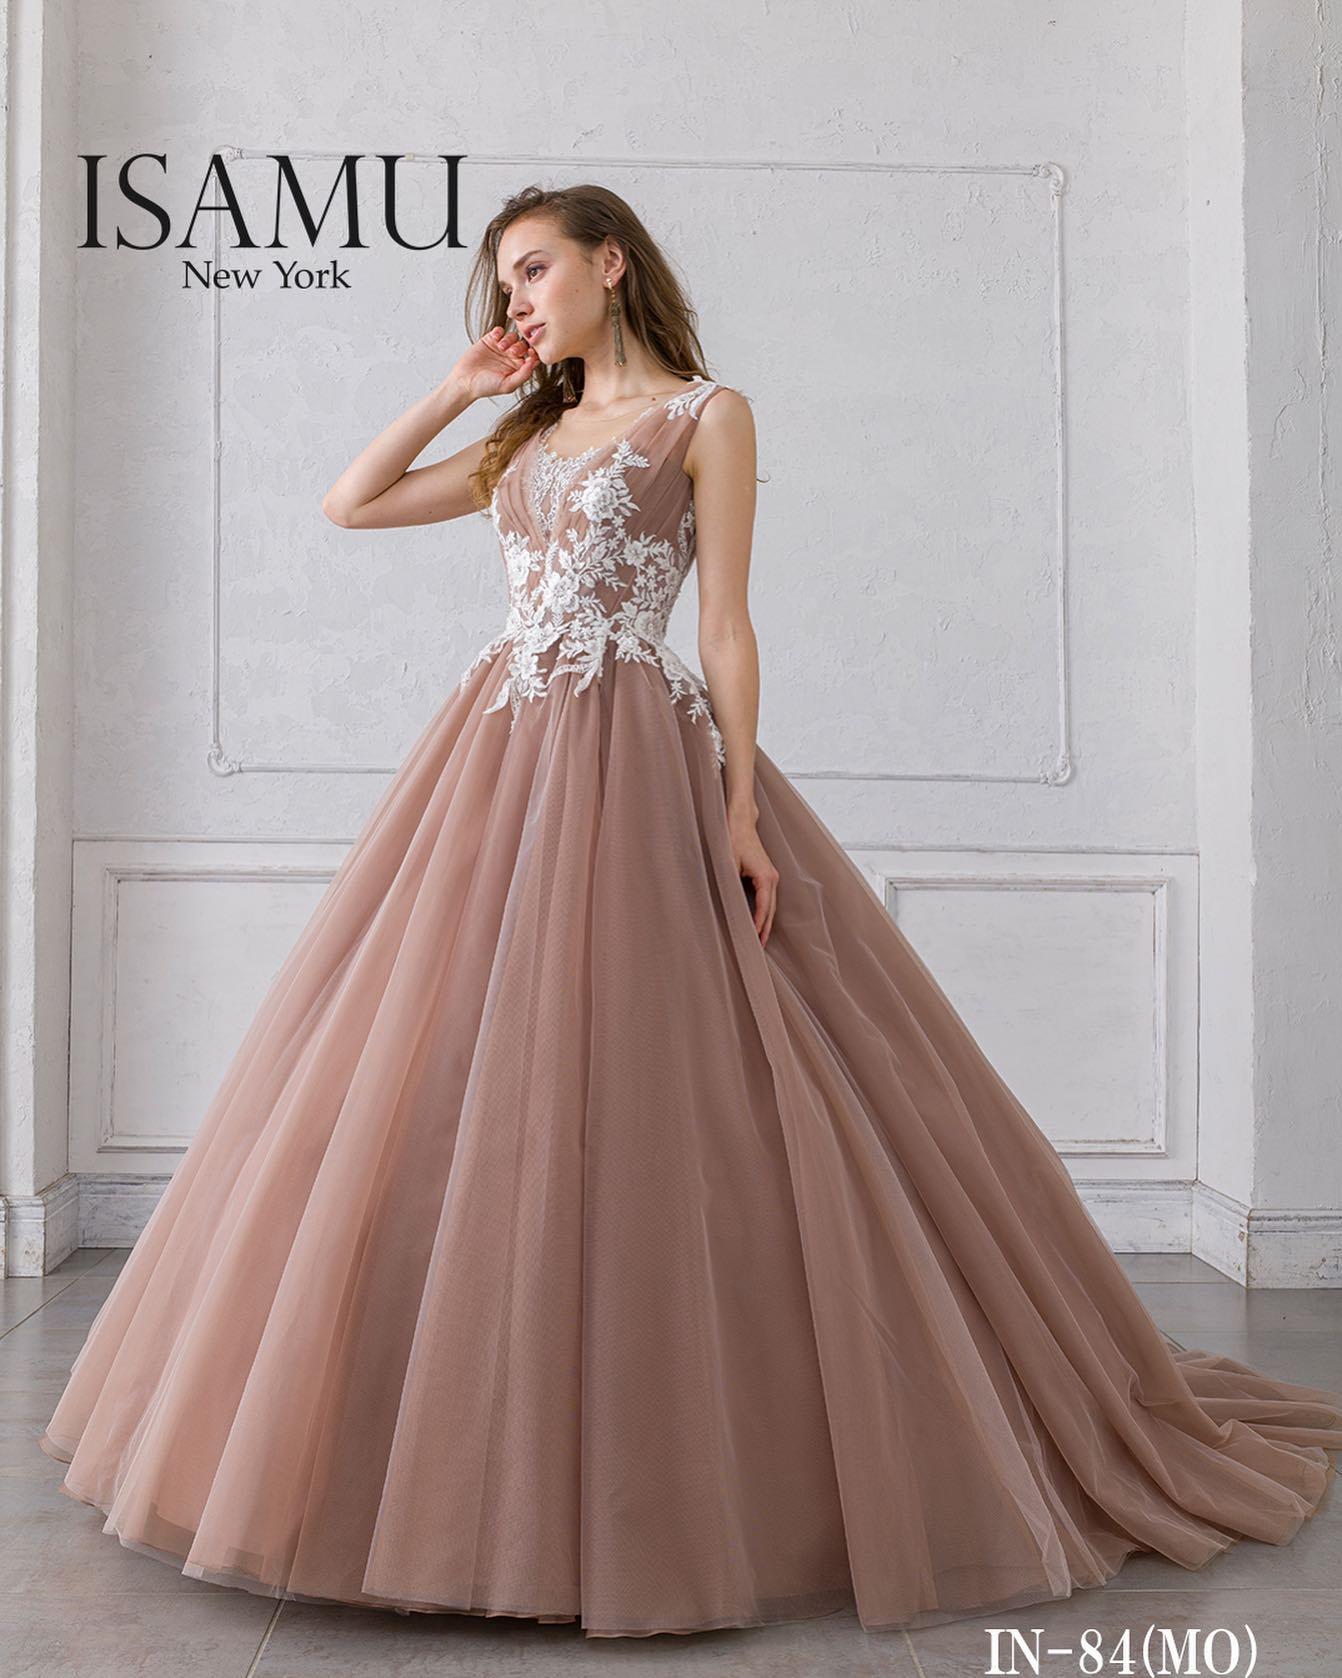 """・今日は大人気の""""ISAMU MORITA(イサムモリタ)""""のカラードレスをご紹介♀️・肩、袖から胸元にかけてのデザインがシンプルな中にも美しさが宿る一着・スカート部分に使用されたたっぷりとしたチュールのボリュームが、可愛らしさも演出してくれる魅力的なドレスです・ご試着いかがでしょうか・カラードレス 【ISAMU MORITA】CD0360IN-84レンタル価格:¥220,000・#wedding #weddingdress #bridalhiro #kiyokohata #isamumorita#ウェディングドレス #プレ花嫁 #ドレス試着 #2021冬婚 #ヘアメイク #結婚式  #ドレス選び #前撮り #後撮り #フォトウェディング #ウェディングヘア  #フォト婚 #前撮り写真 #ブライダルフォト #カップルフォト #ウェディングドレス探し #ウェディングドレス試着 #レンタルドレス #ドレスショップ #家族婚 #ブライダルヒロ #ゼクシィ #プリンセスライン #ドレス迷子 #イサムモリタ"""